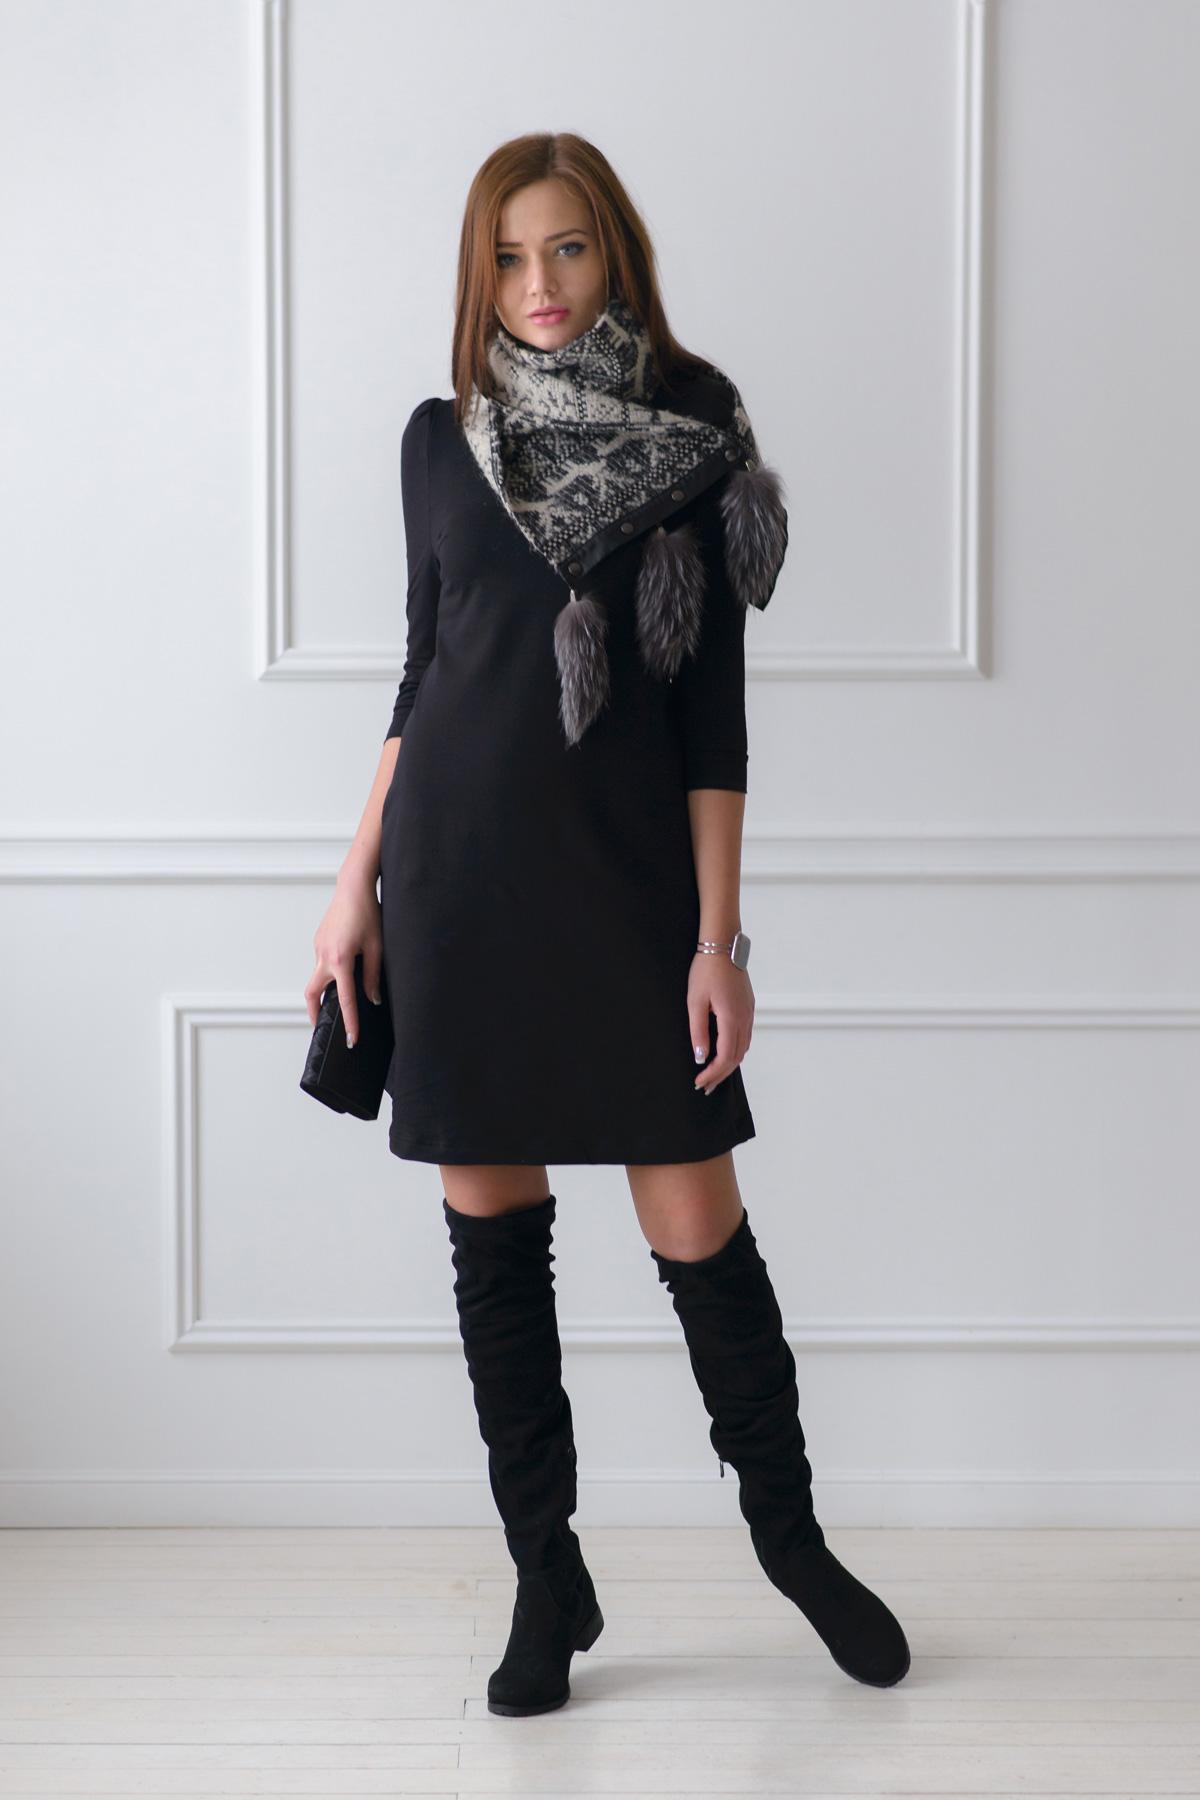 Жен. платье Модное Черный р. 42Платья<br>Факт. ОГ: 0 см <br>Факт. ОТ: 0 см <br>Факт. ОБ: 0 см <br>Длина по спинке: 0 см<br><br>Тип: Жен. платье<br>Размер: 42<br>Материал: Милано